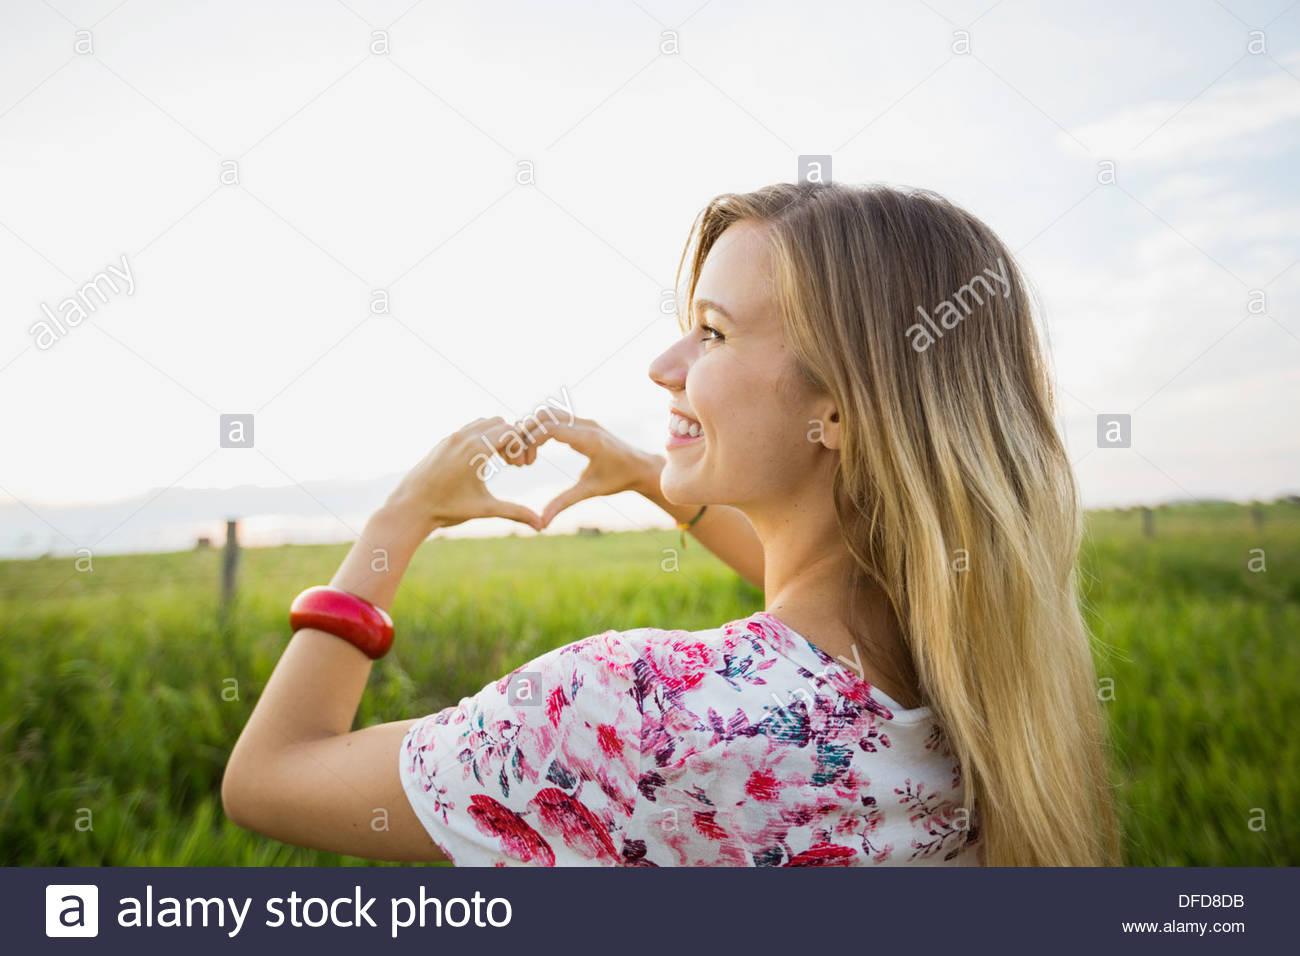 Über die Schulter-Blick der jungen Frau macht Herzform mit Händen Stockbild